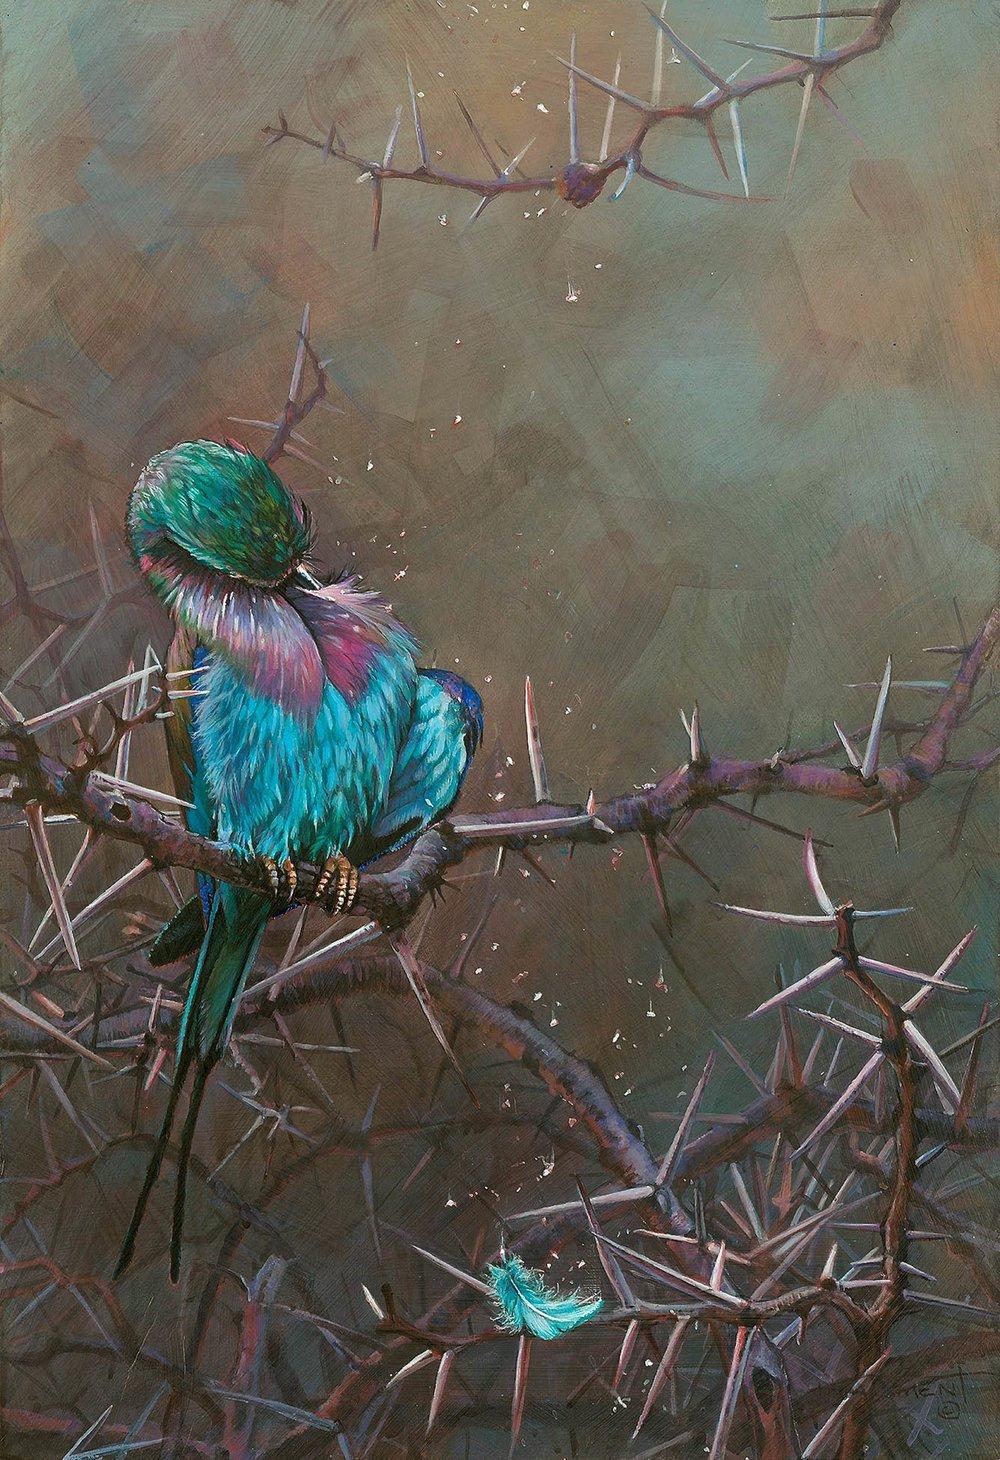 91 - Thornbird, 16 x 24, Acrylic